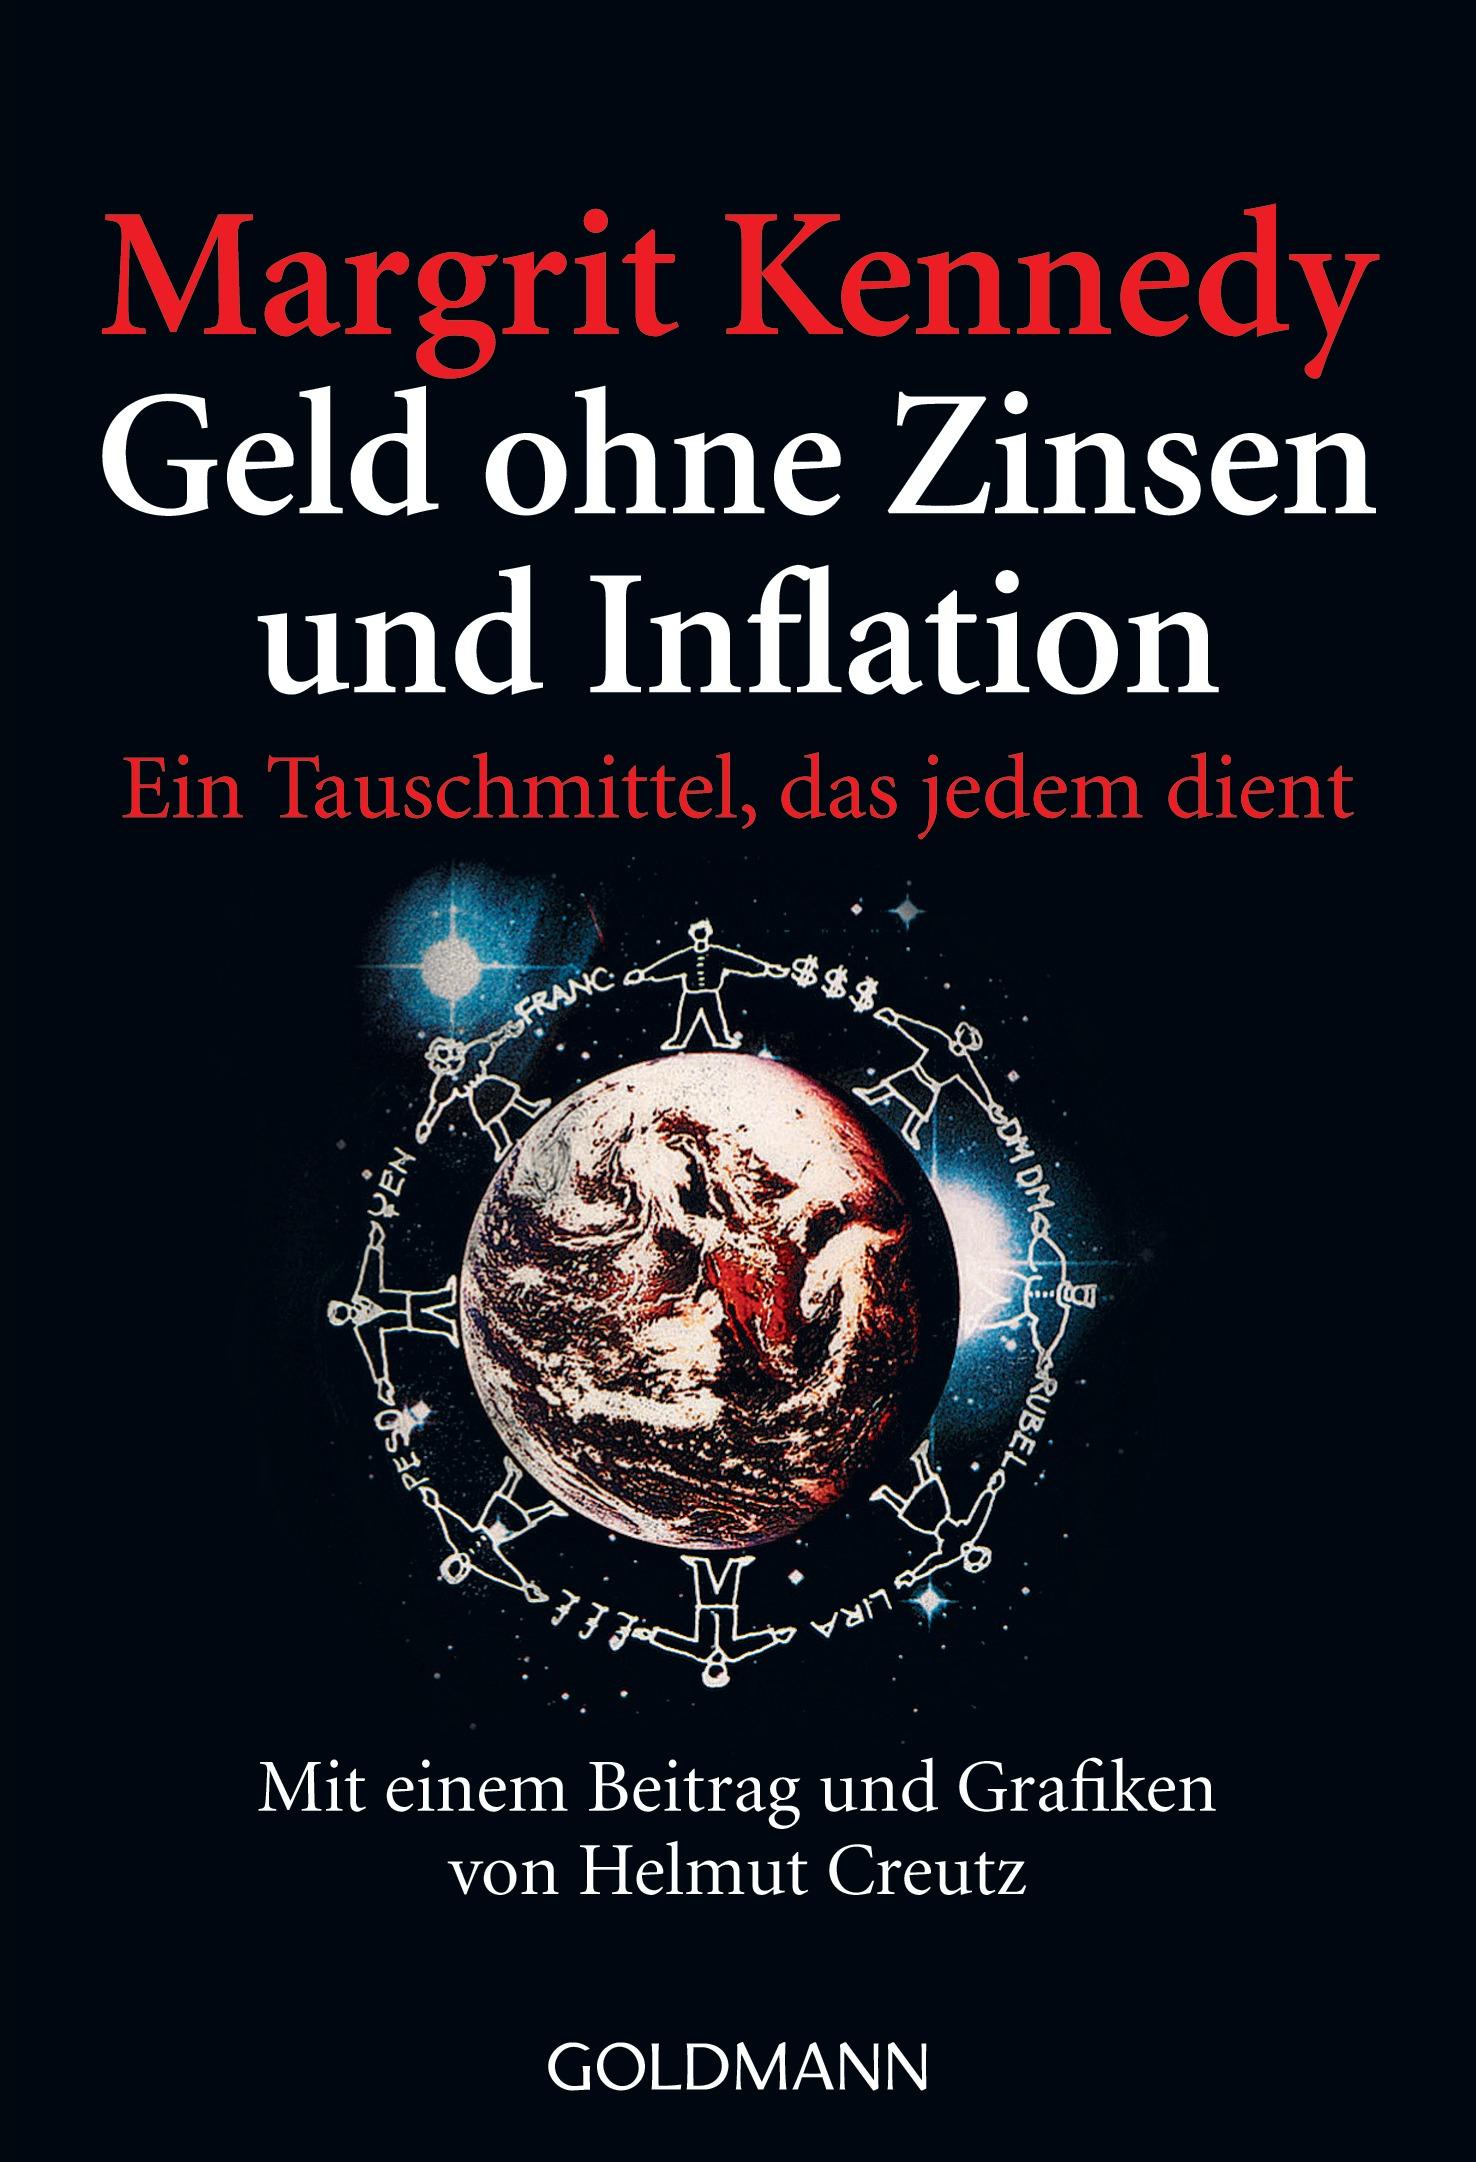 Geld ohne Zinsen und Inflation: Ein Tauschmittel, das jedem dient - Margrit Kennedy